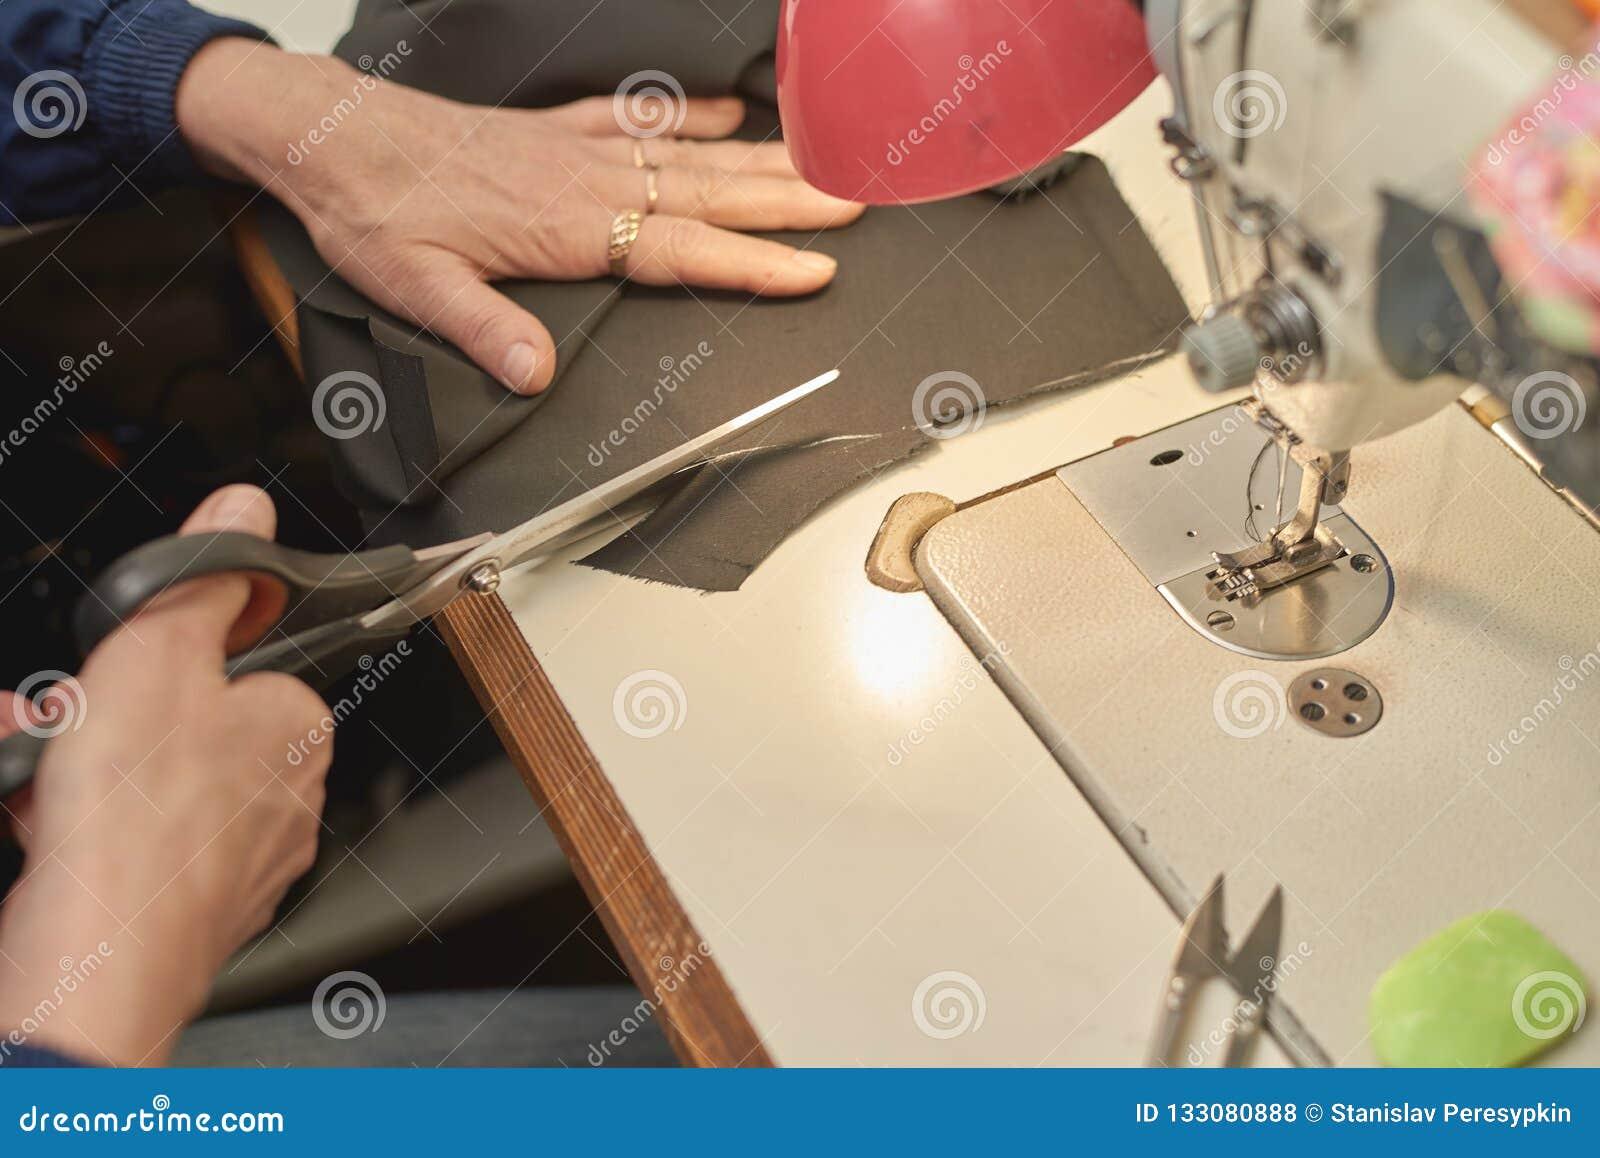 Uma mulher corta o material antes de processar na máquina de costura